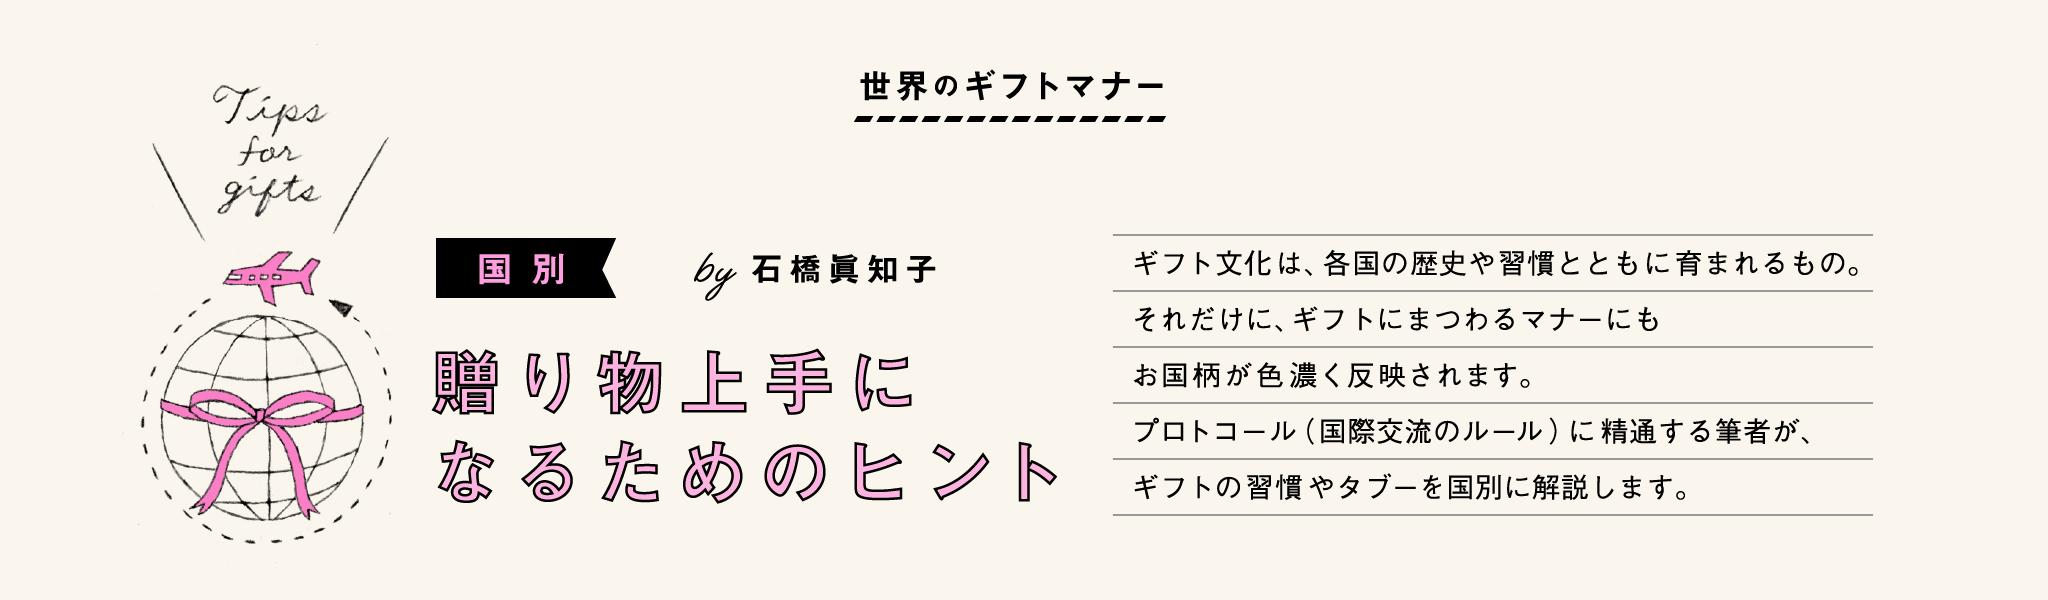 【世界のギフトマナー】国別 贈り物上手になるためのヒント by石橋眞知子